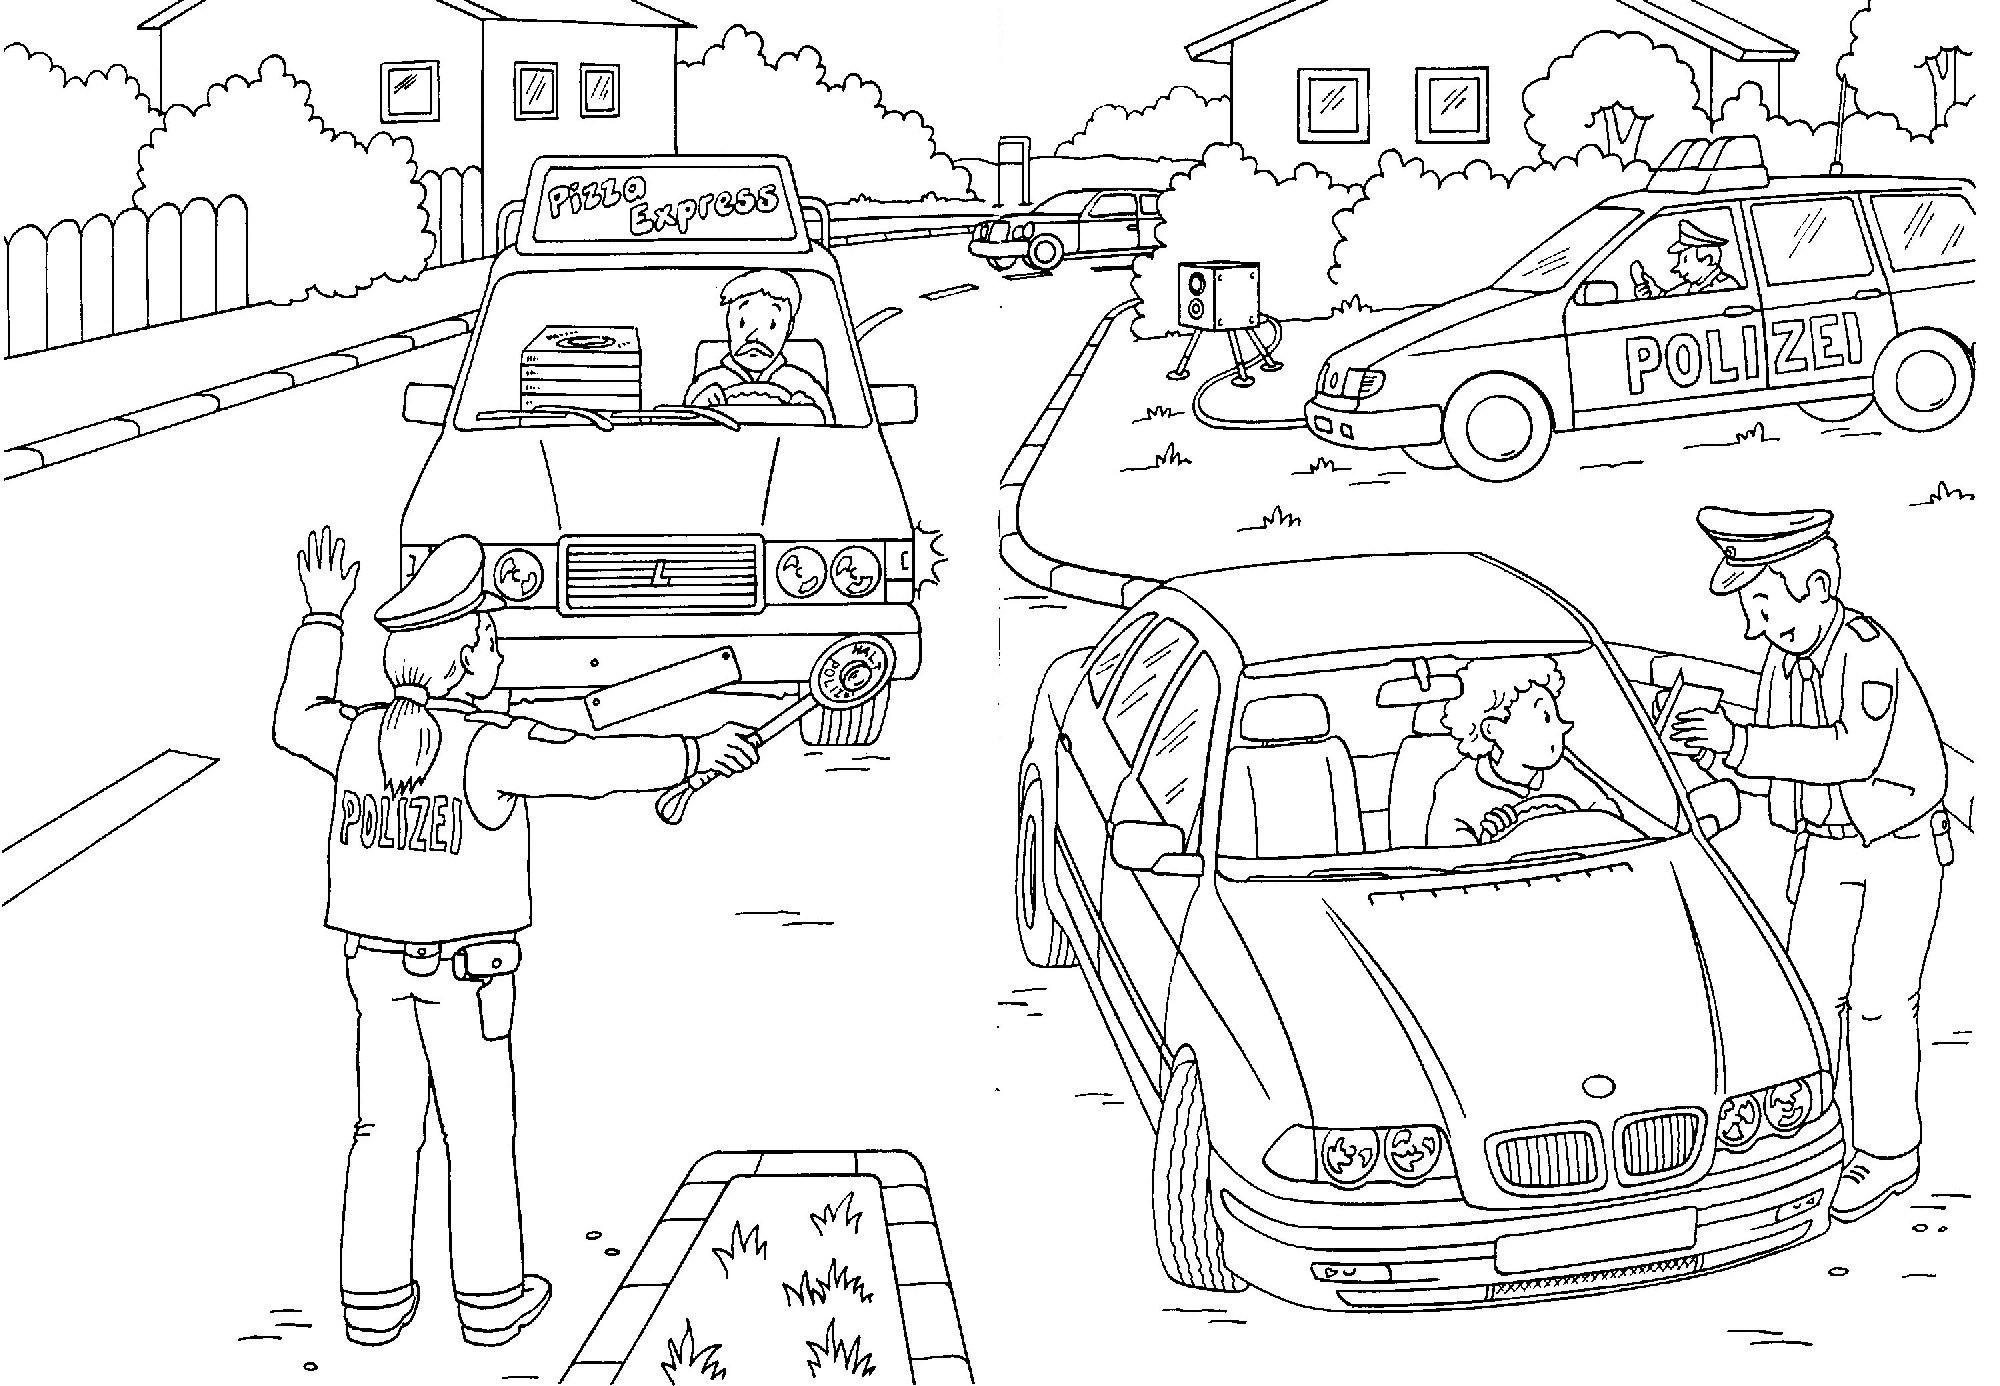 Dschungel Bilder Zum Ausdrucken Genial Drei Auto Polizei Ausmalbilder 75 Malvorlage Polizei Ausmalbilder Galerie